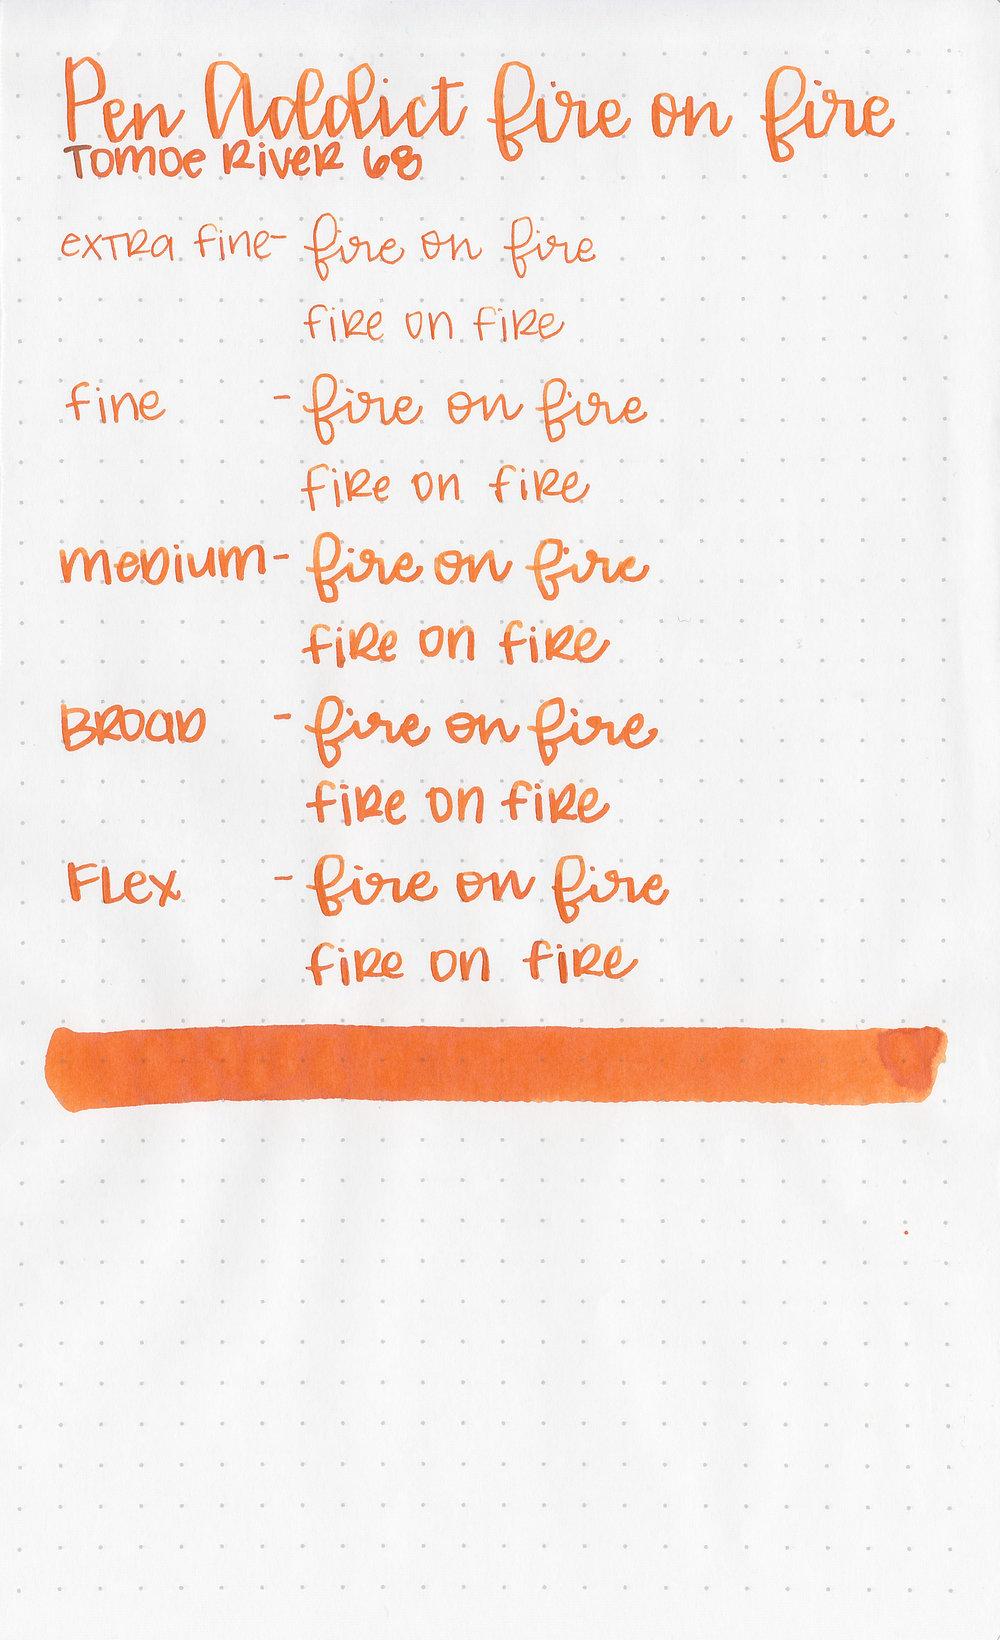 ro-fire-on-fire-7.jpg